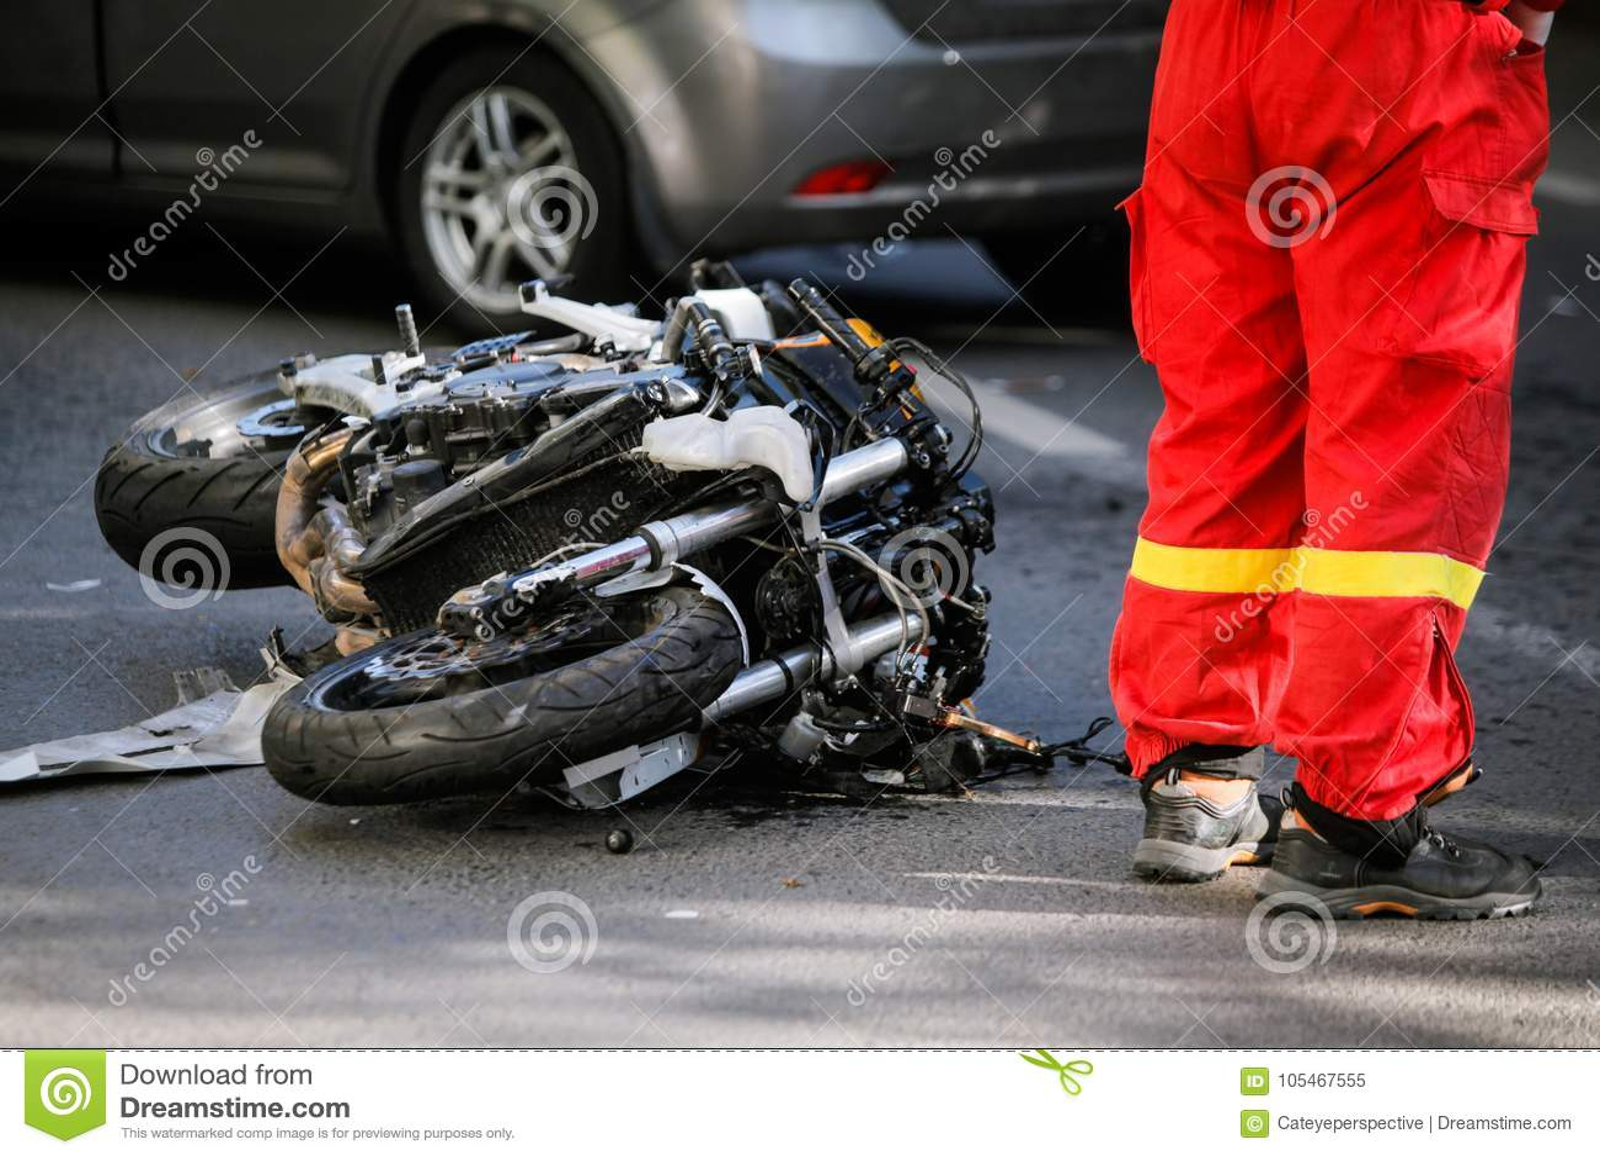 Verpletterde motorfiets na verkeersongeval met een auto